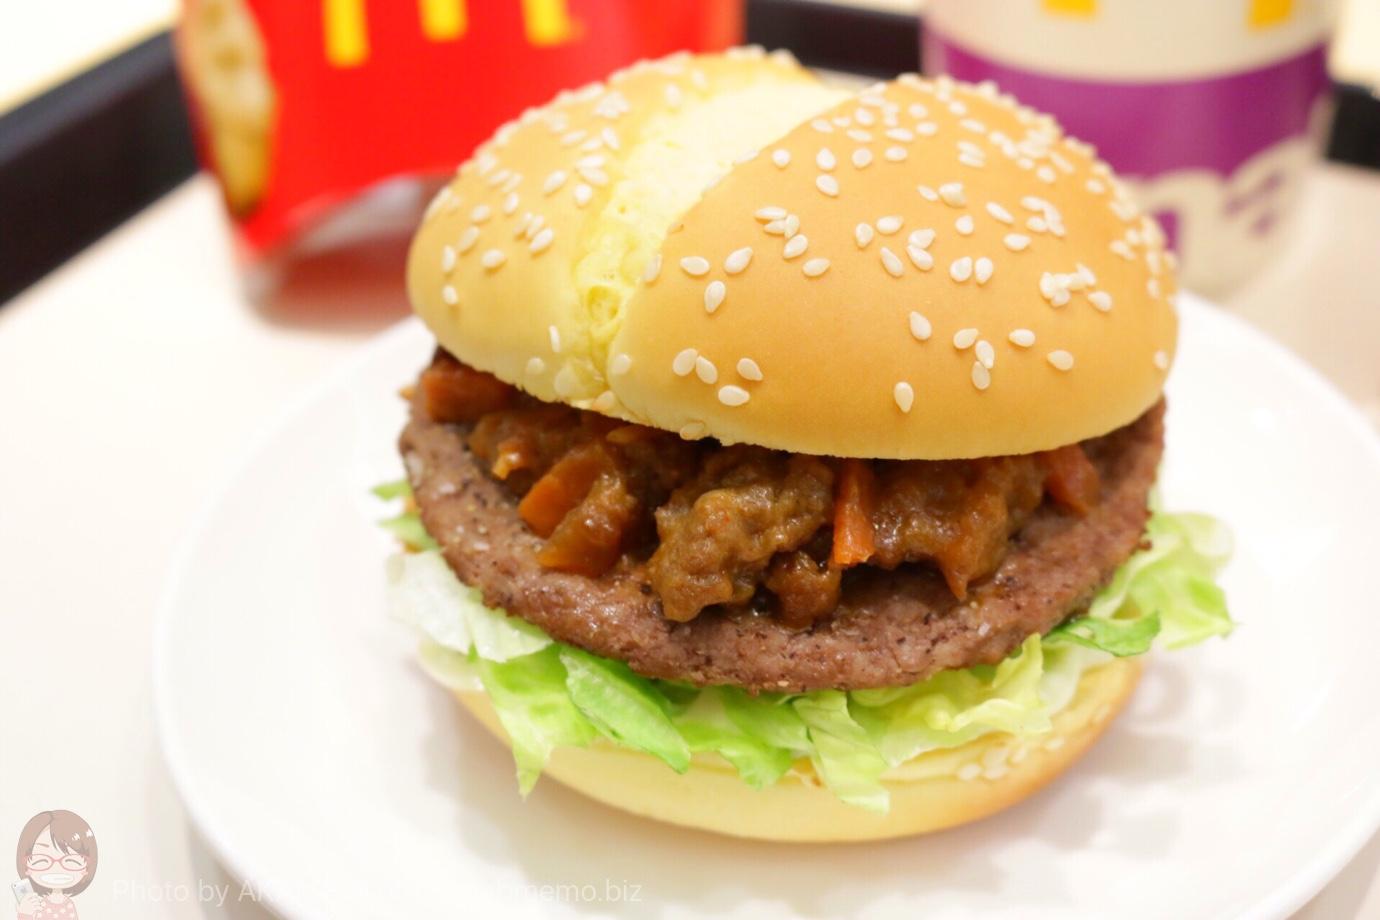 かるびマックが大復活!肉の上に肉が乗る肉バーガーに歓喜【PR】